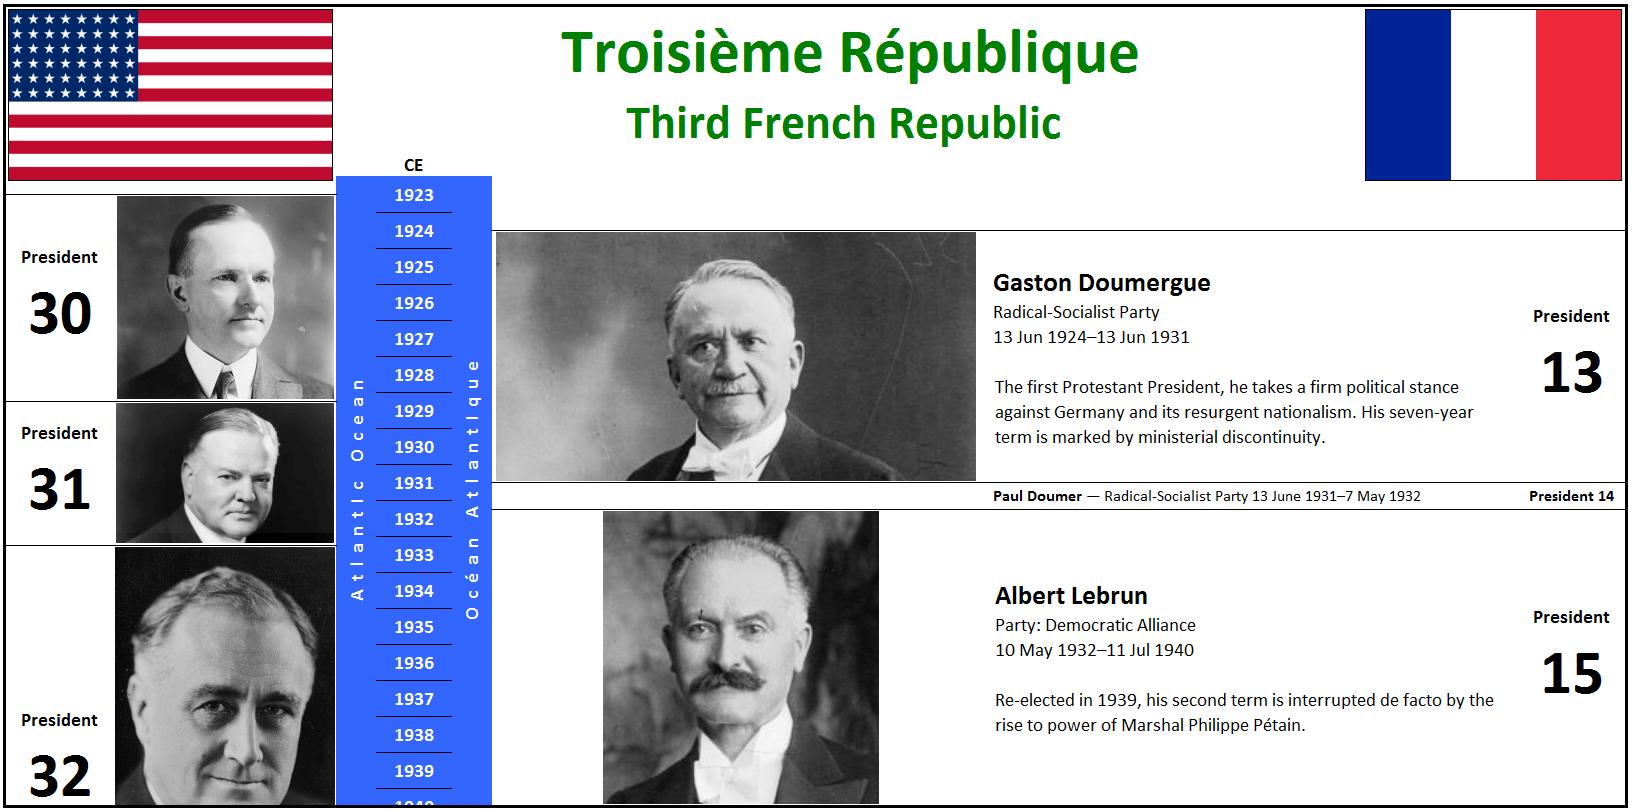 1924 Troisième République